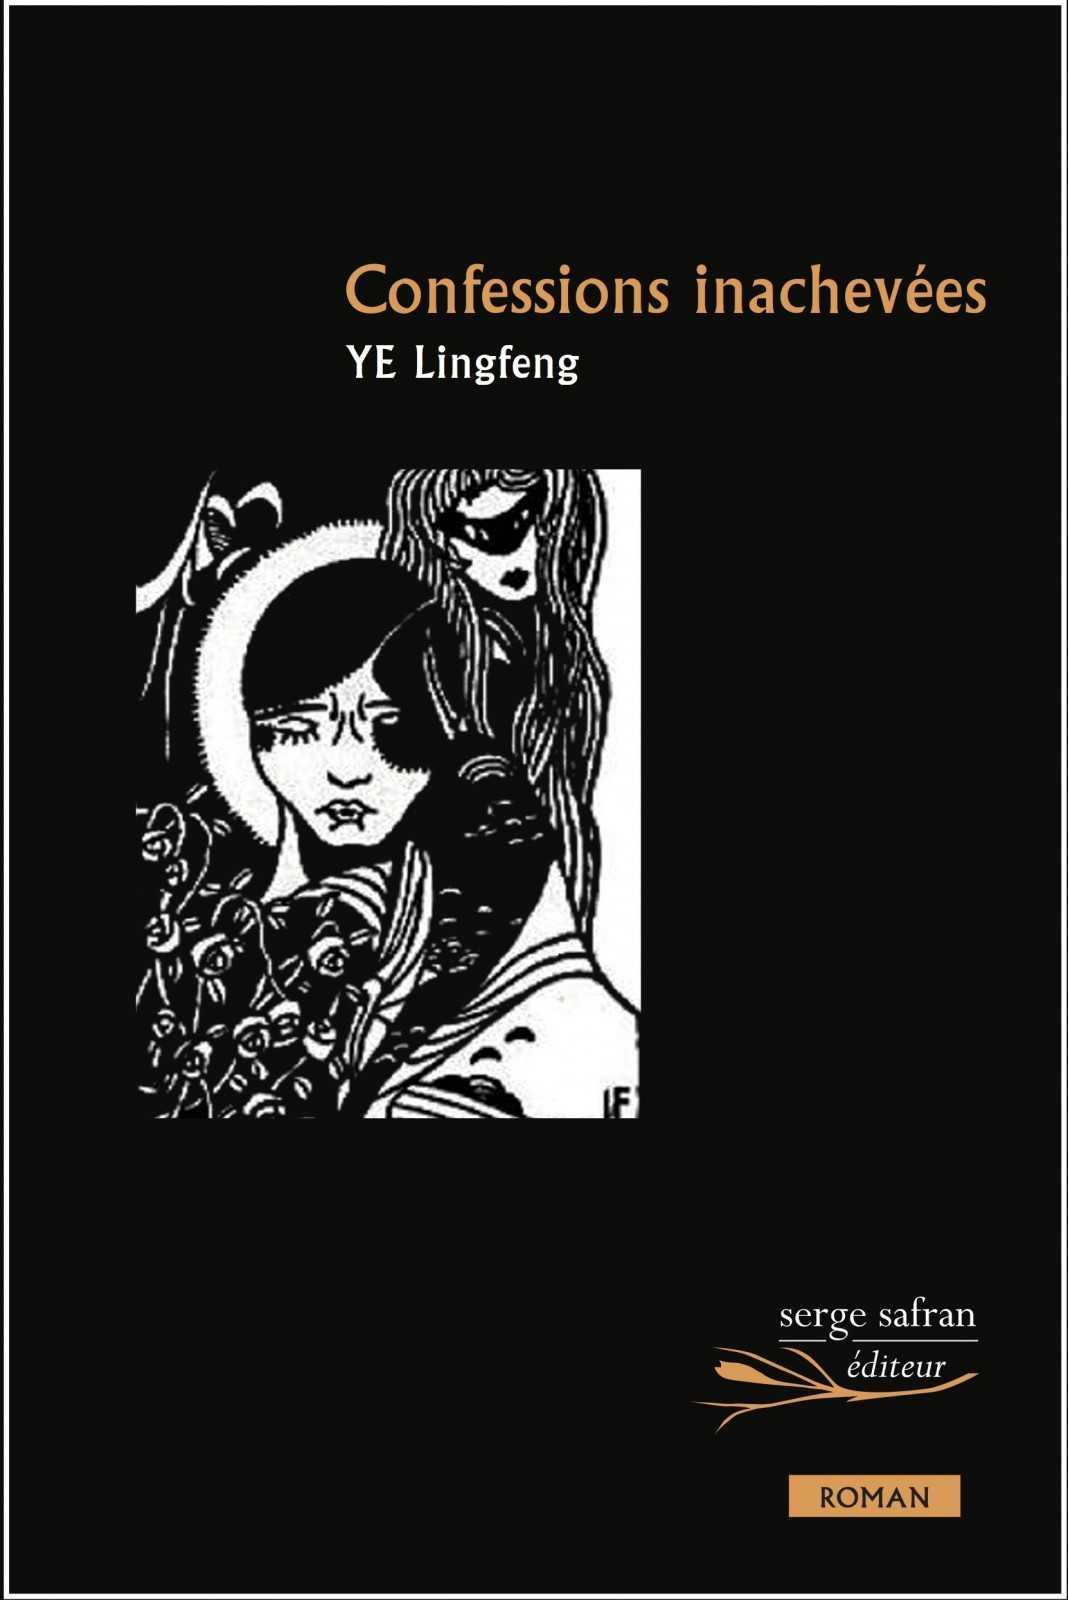 YE Lingfeng, Traduit du chinois par Marie Laureillard Confessions inachevées Ye Lingfeng, Marie Laureillard (trad.), Confessions inachevées, S. Safran, 2020.